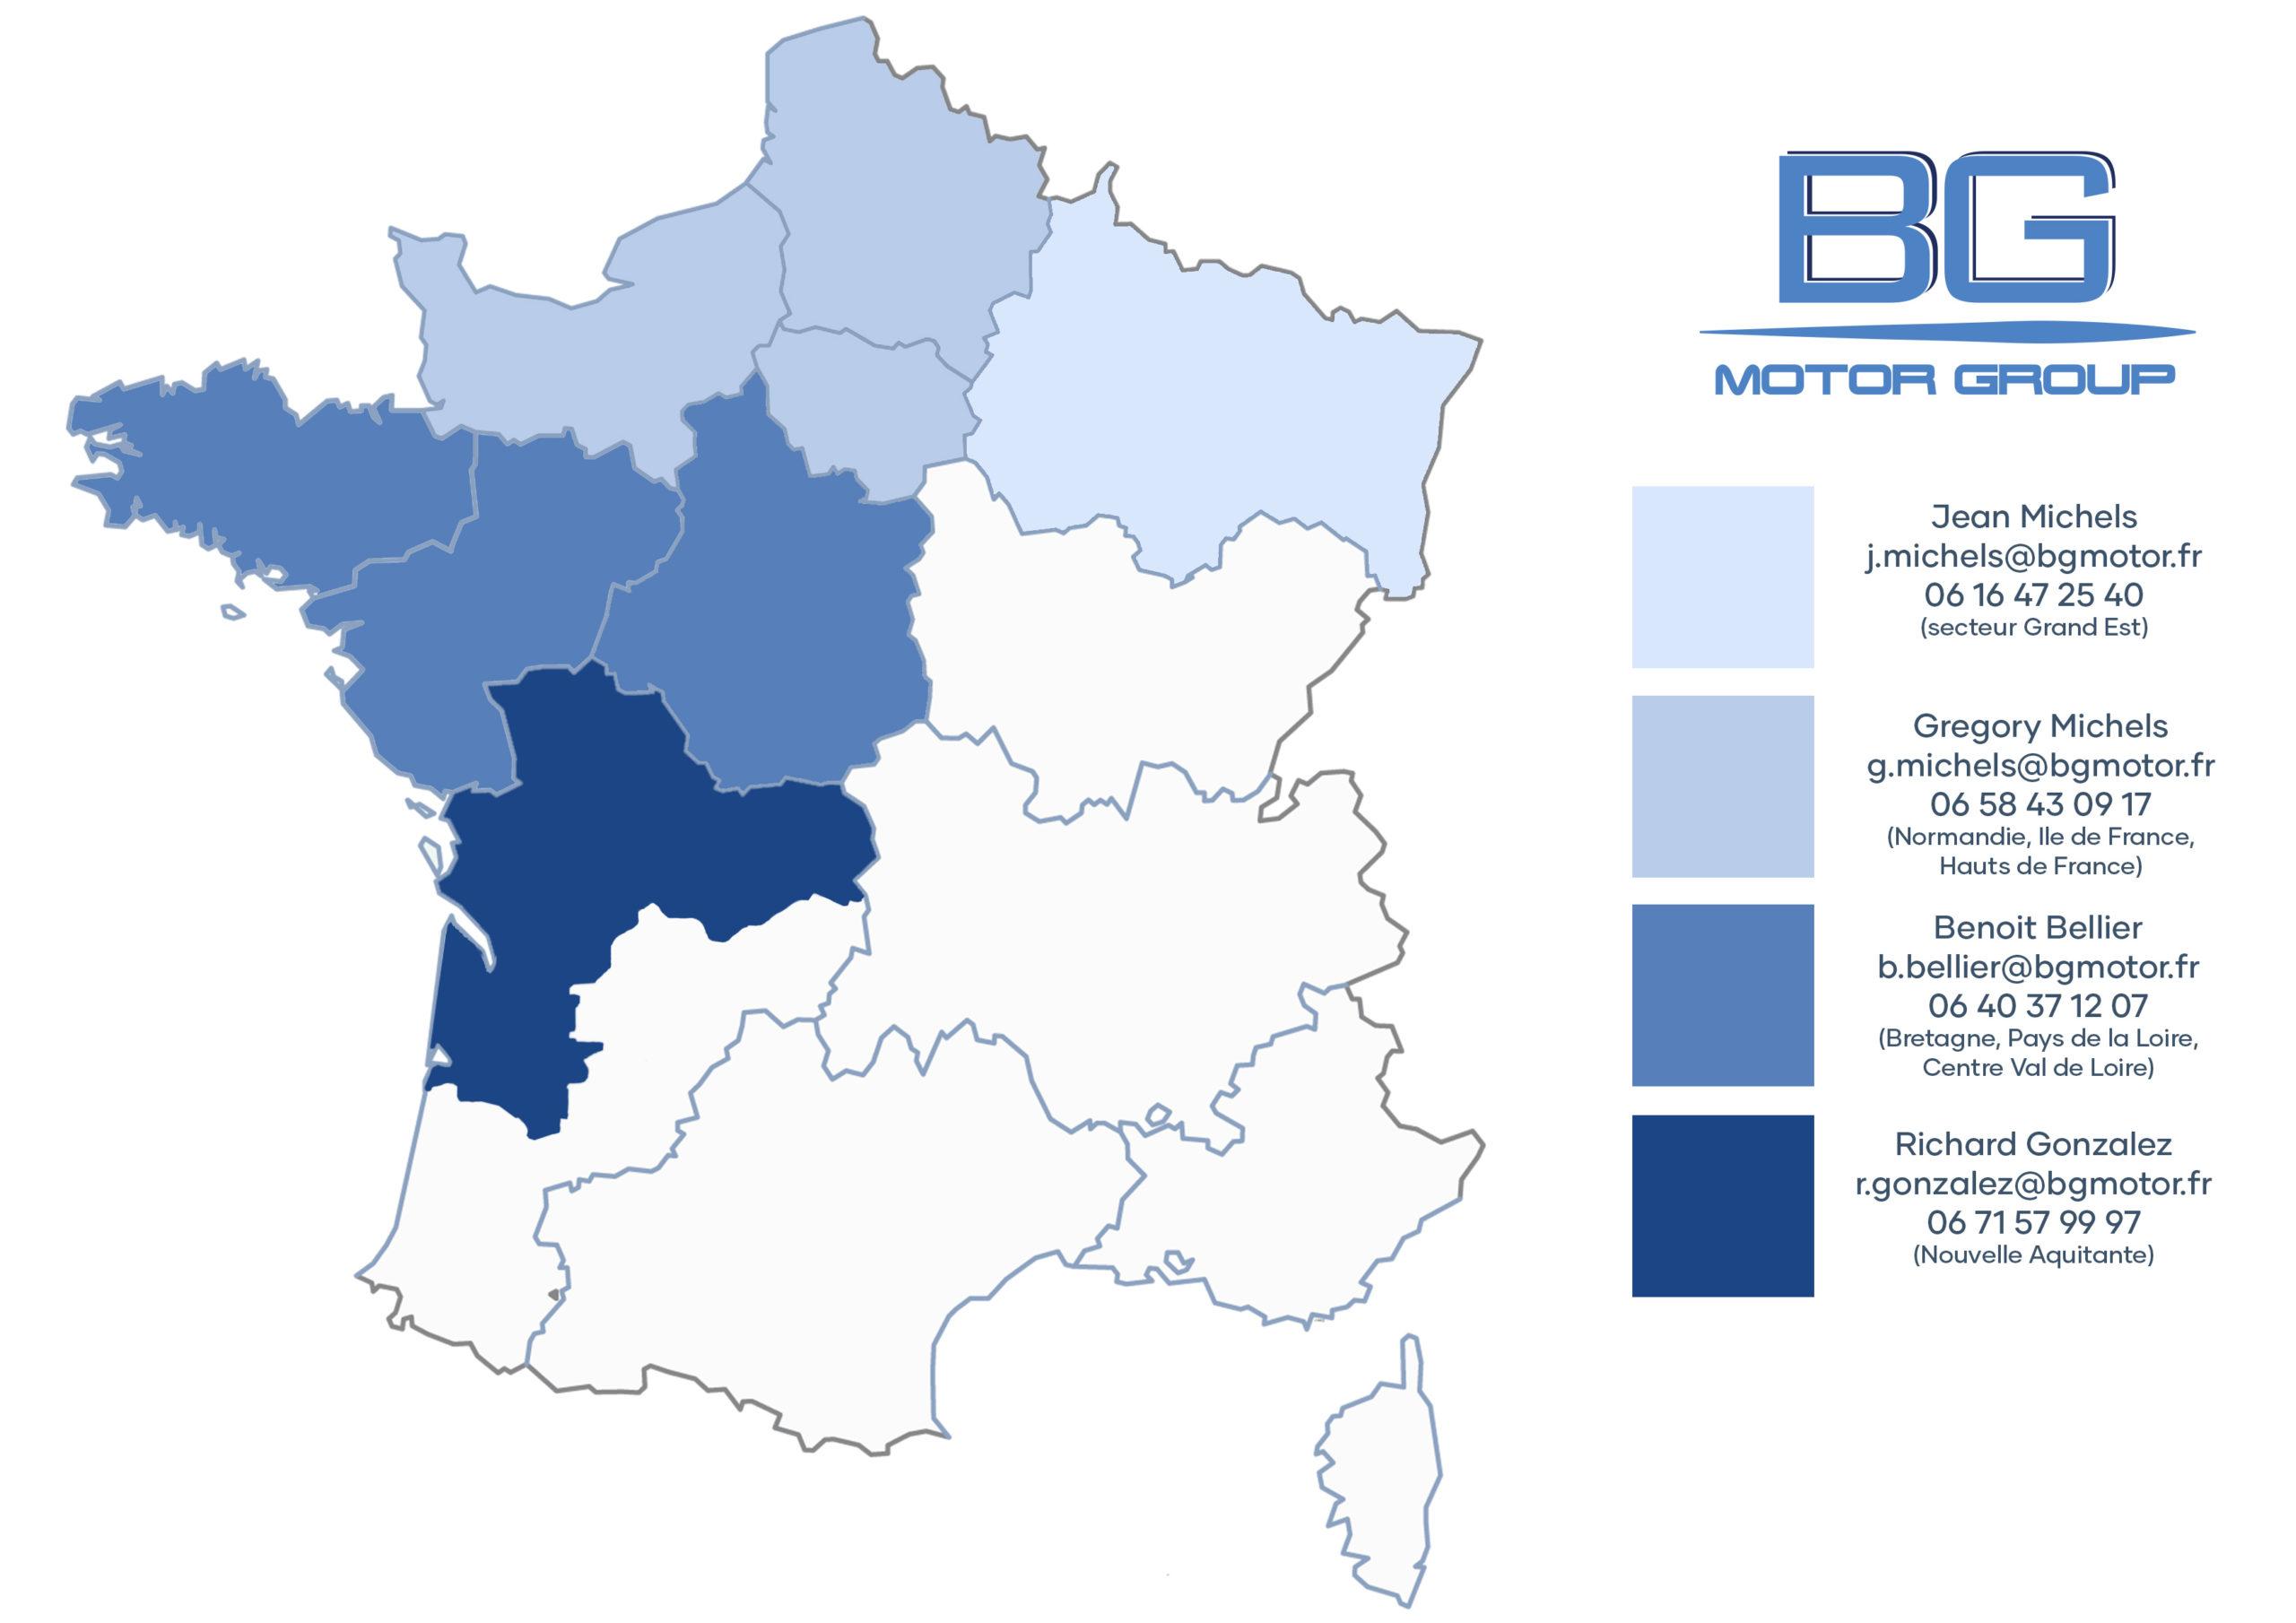 BG Motor Group regions